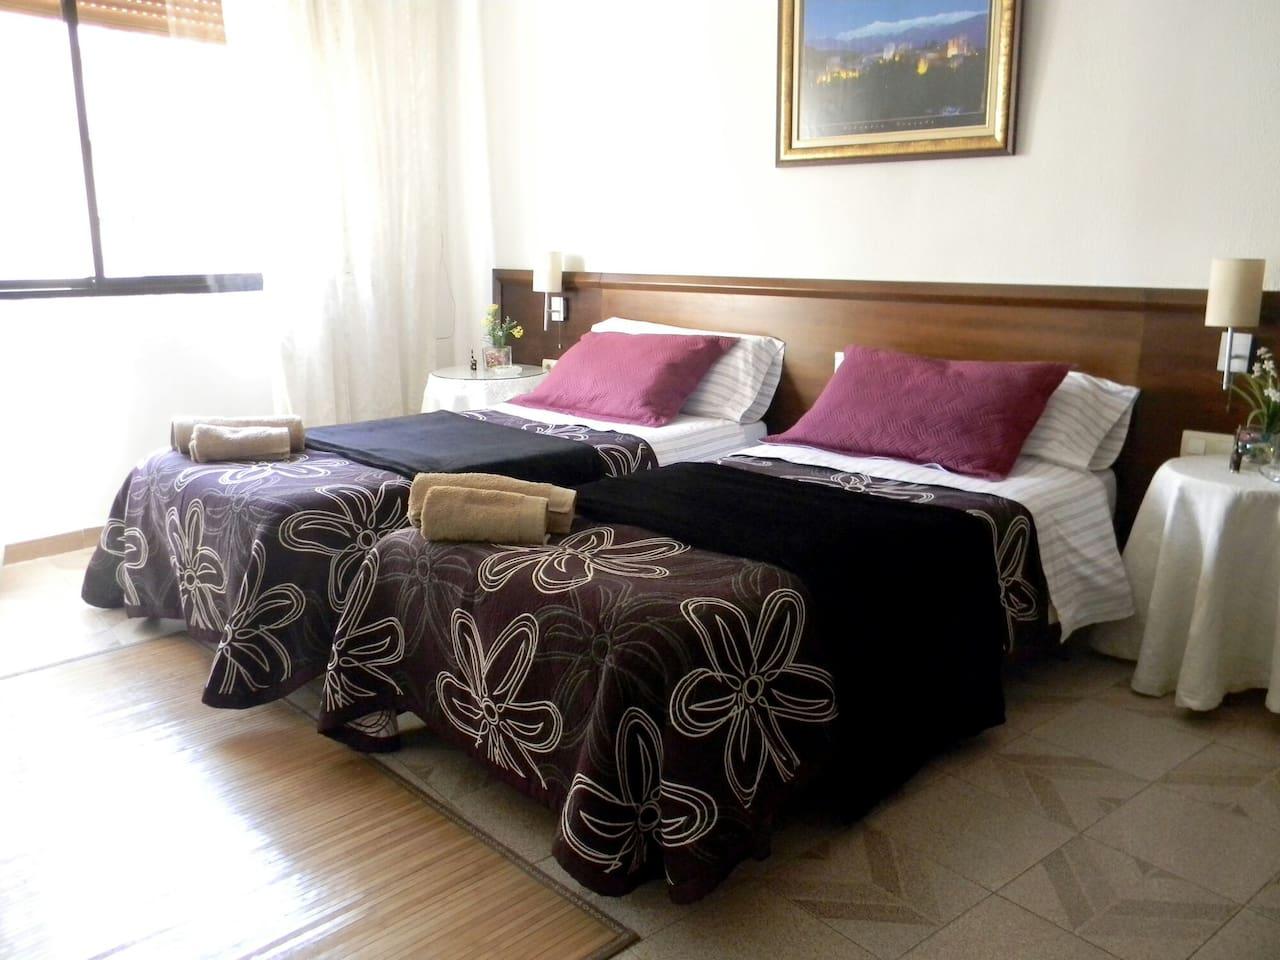 Bed & Breakfast + wifi